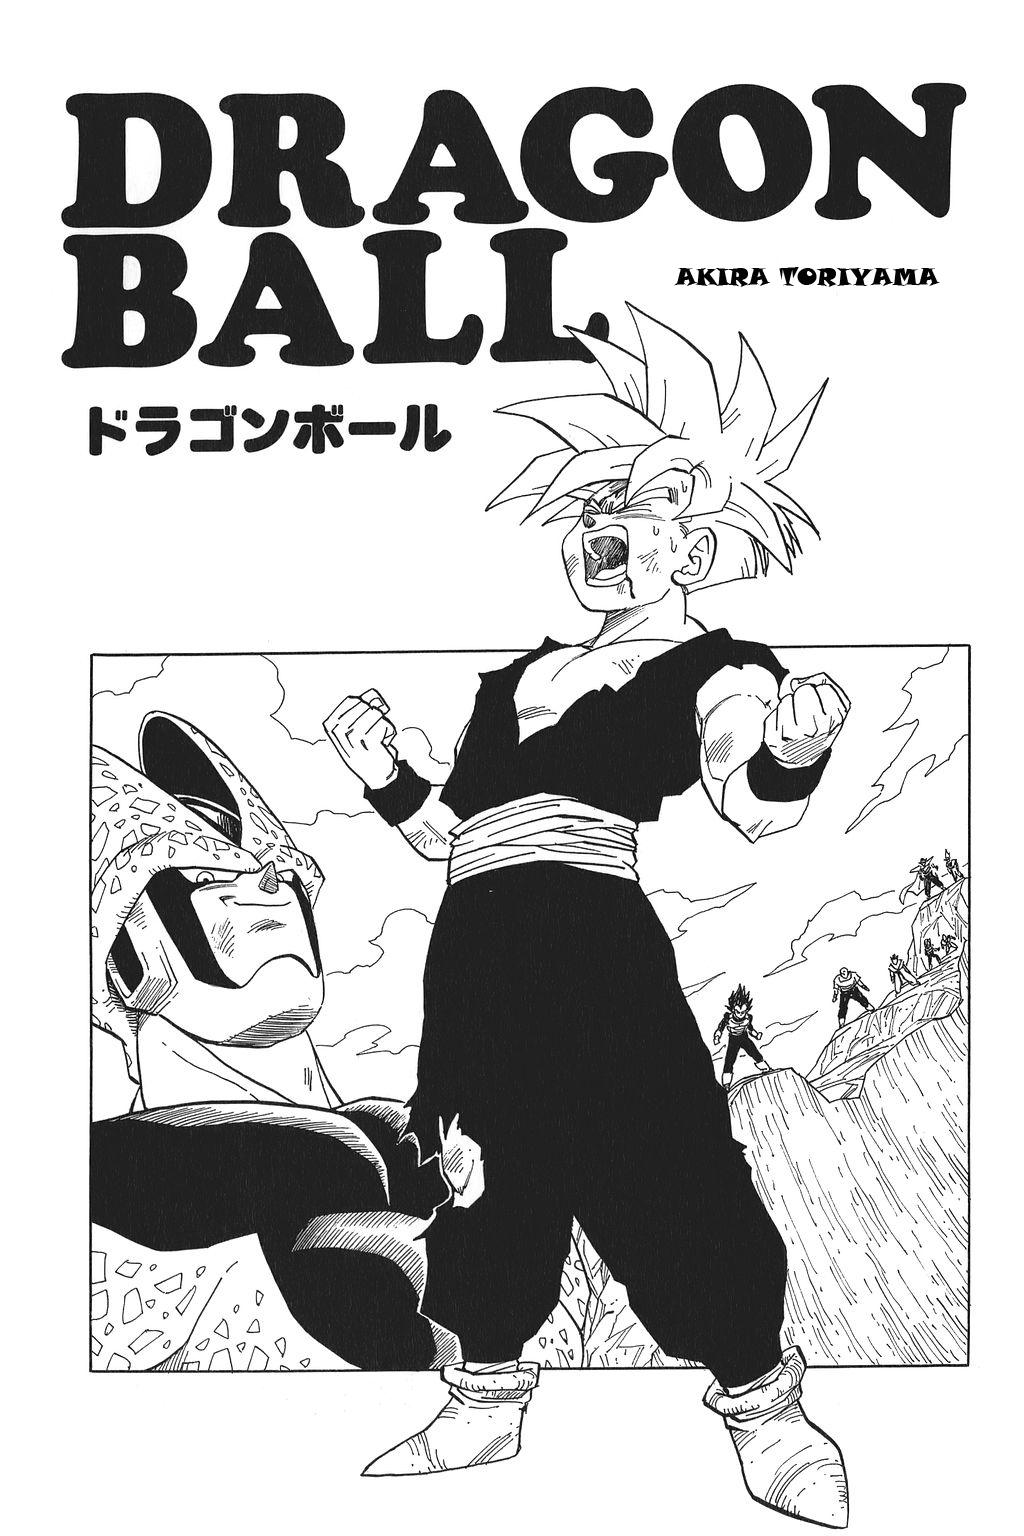 xem truyen moi - Dragon Ball Bản Vip - Bản Đẹp Nguyên Gốc Chap 405